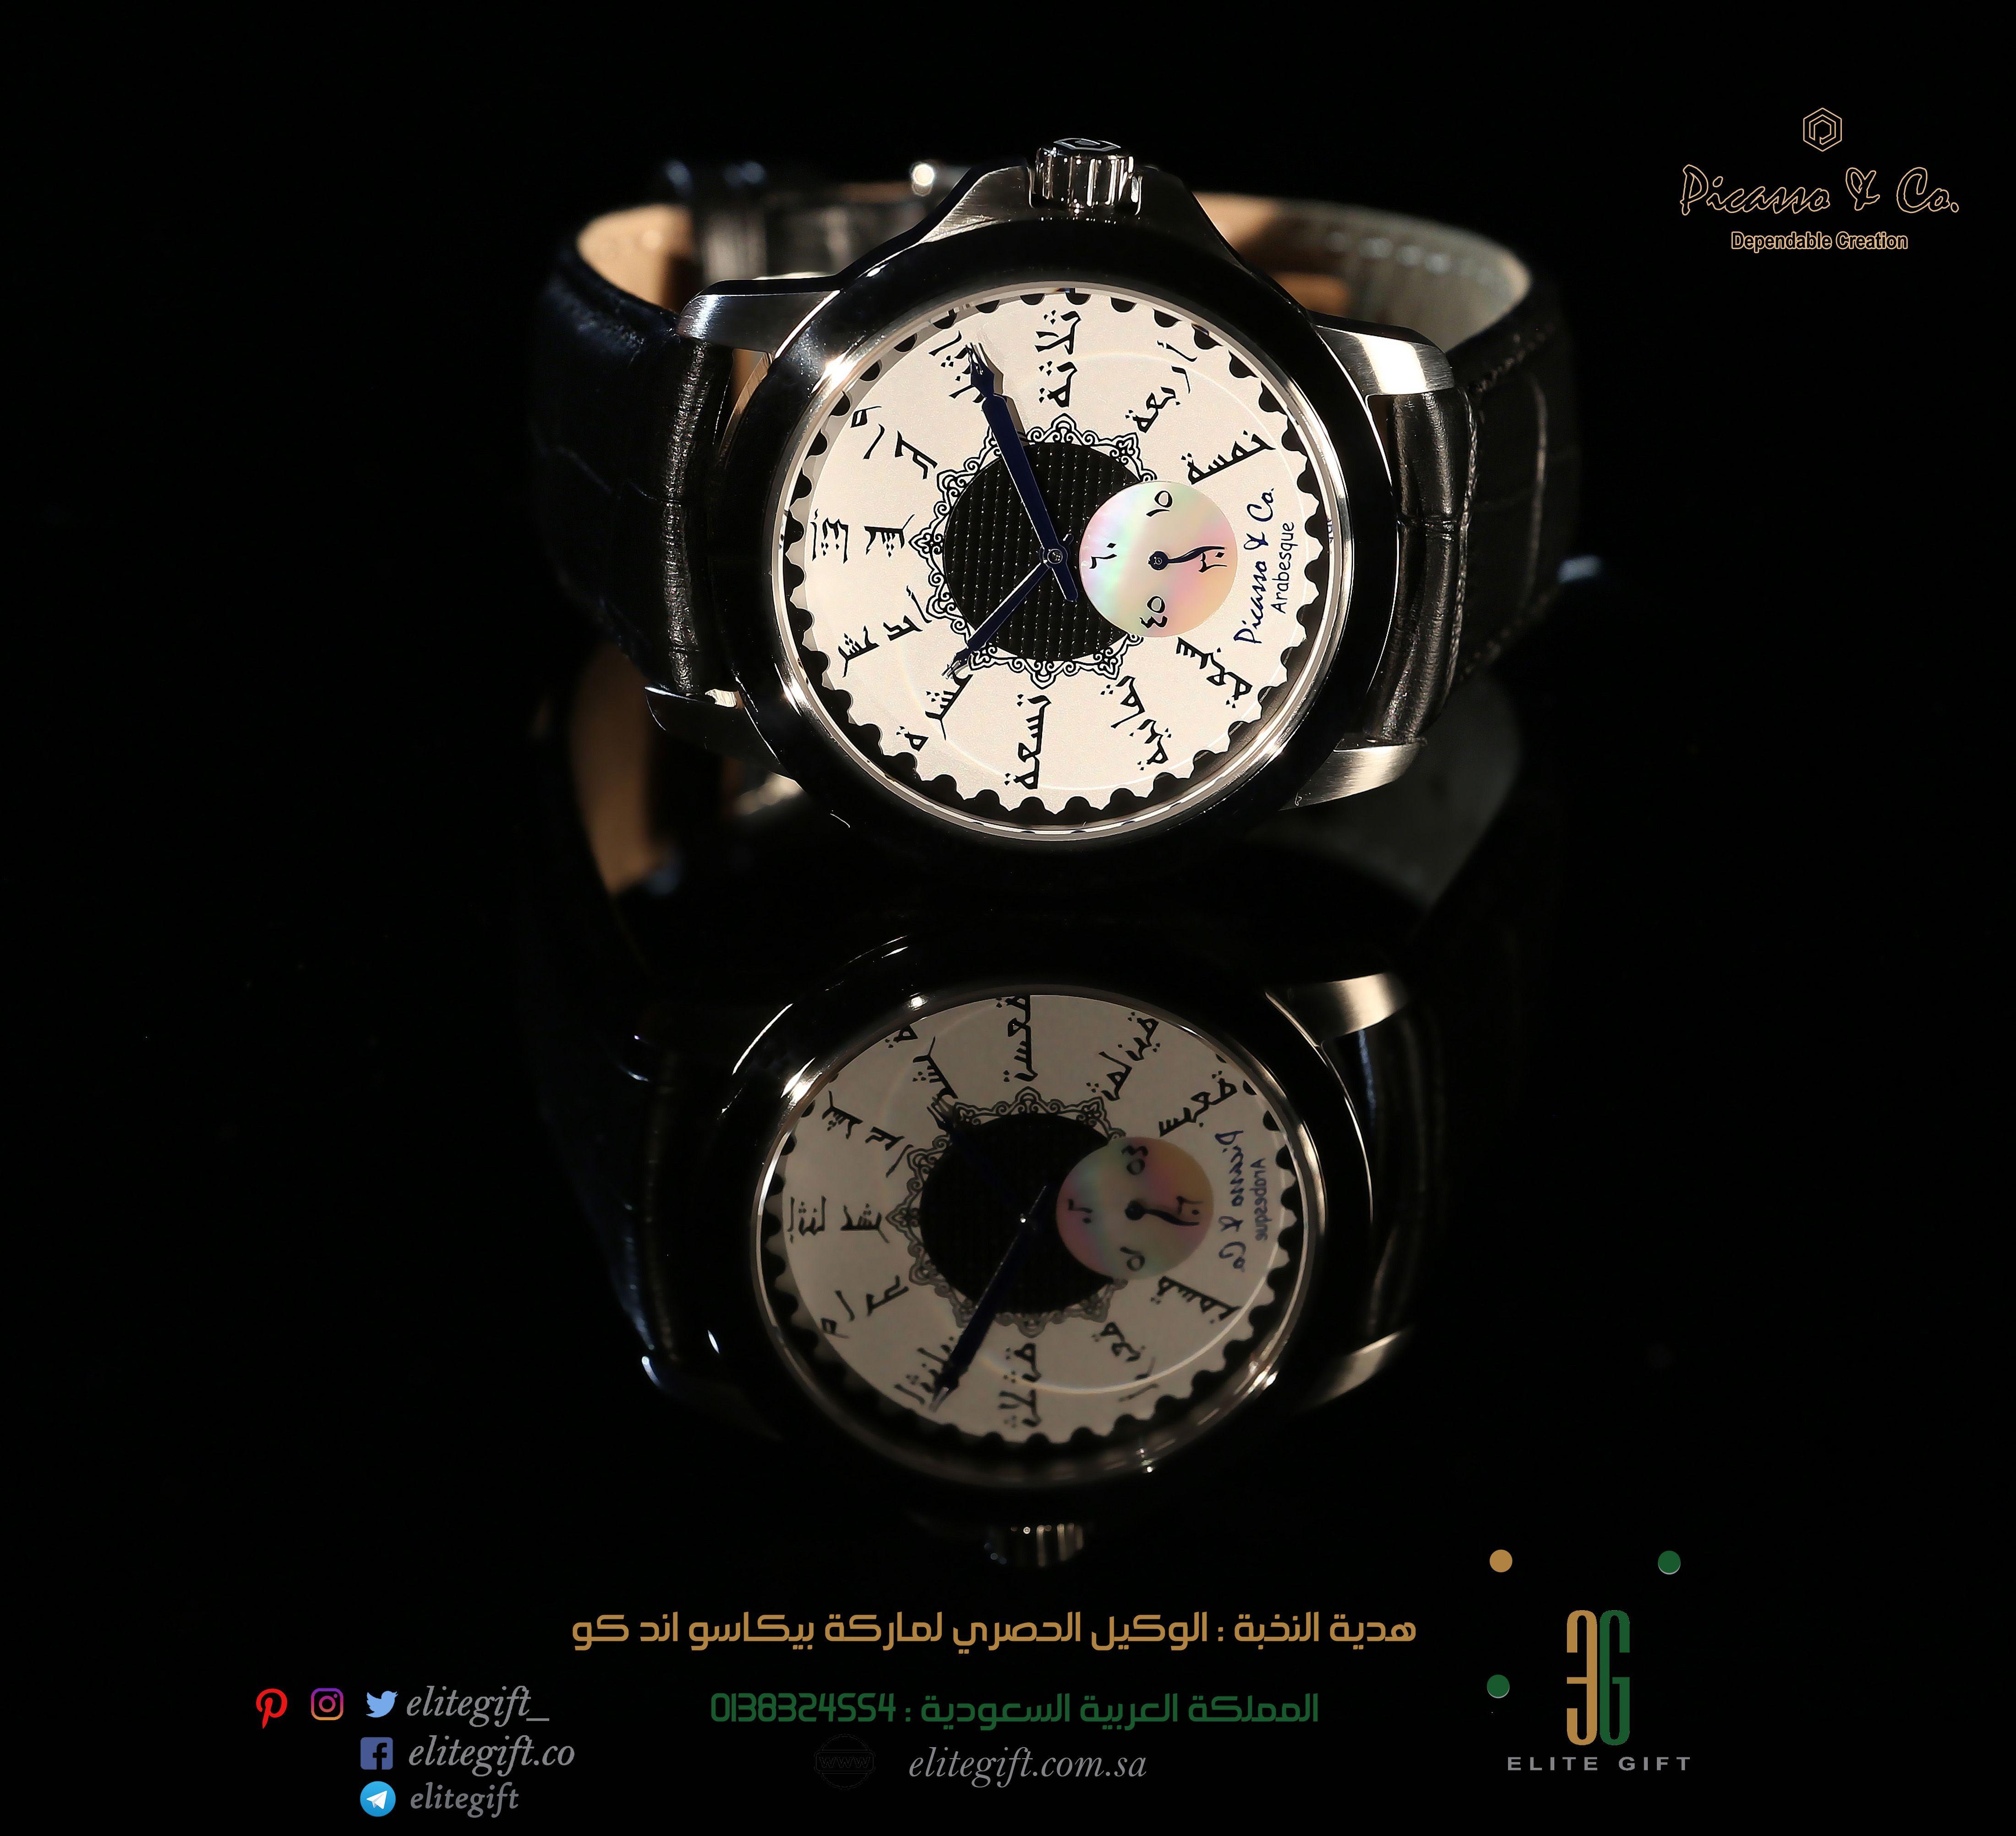 فخامة اللون الاسود تتجسد في هذه الساعة من ماركة ييكاسو اند كو العالمية جلد طبيعي اسود وميناء بيضاء بالاضافة الى اللغة العربية ك Time Piece Jaeger Watch Jaeger